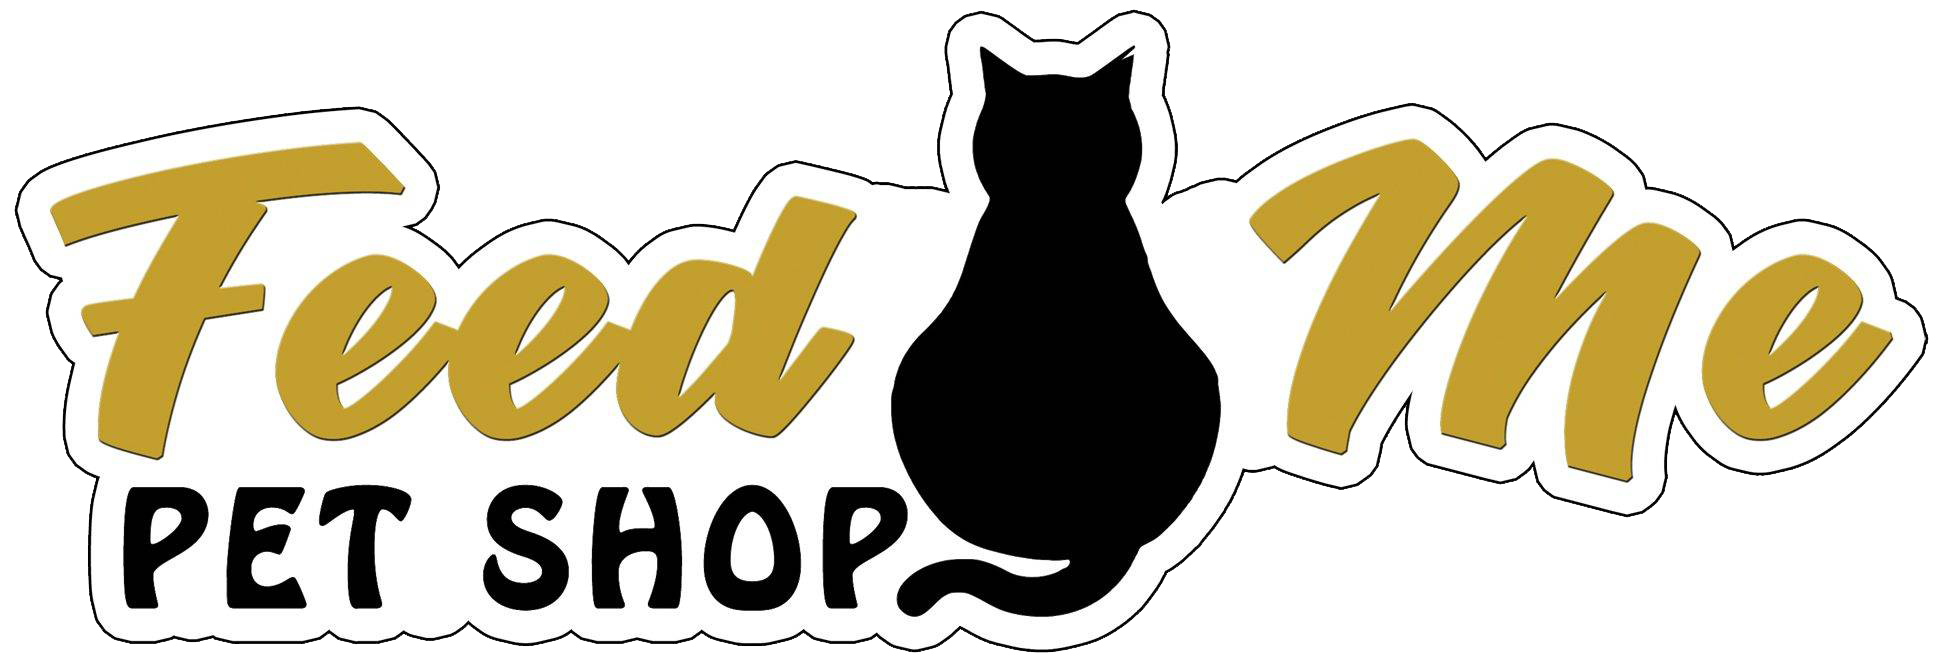 FeedMe - Petshop